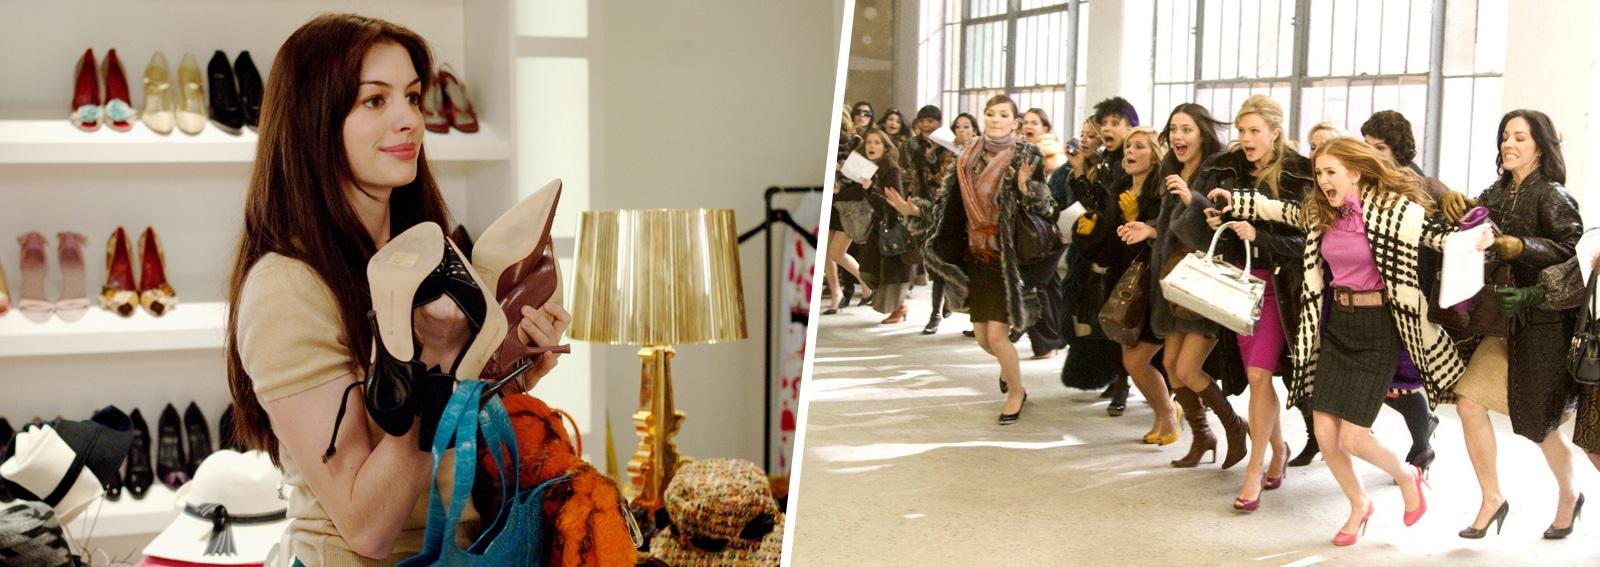 Black Friday: da Amazon a Zara fino a Zalando, le occasioni